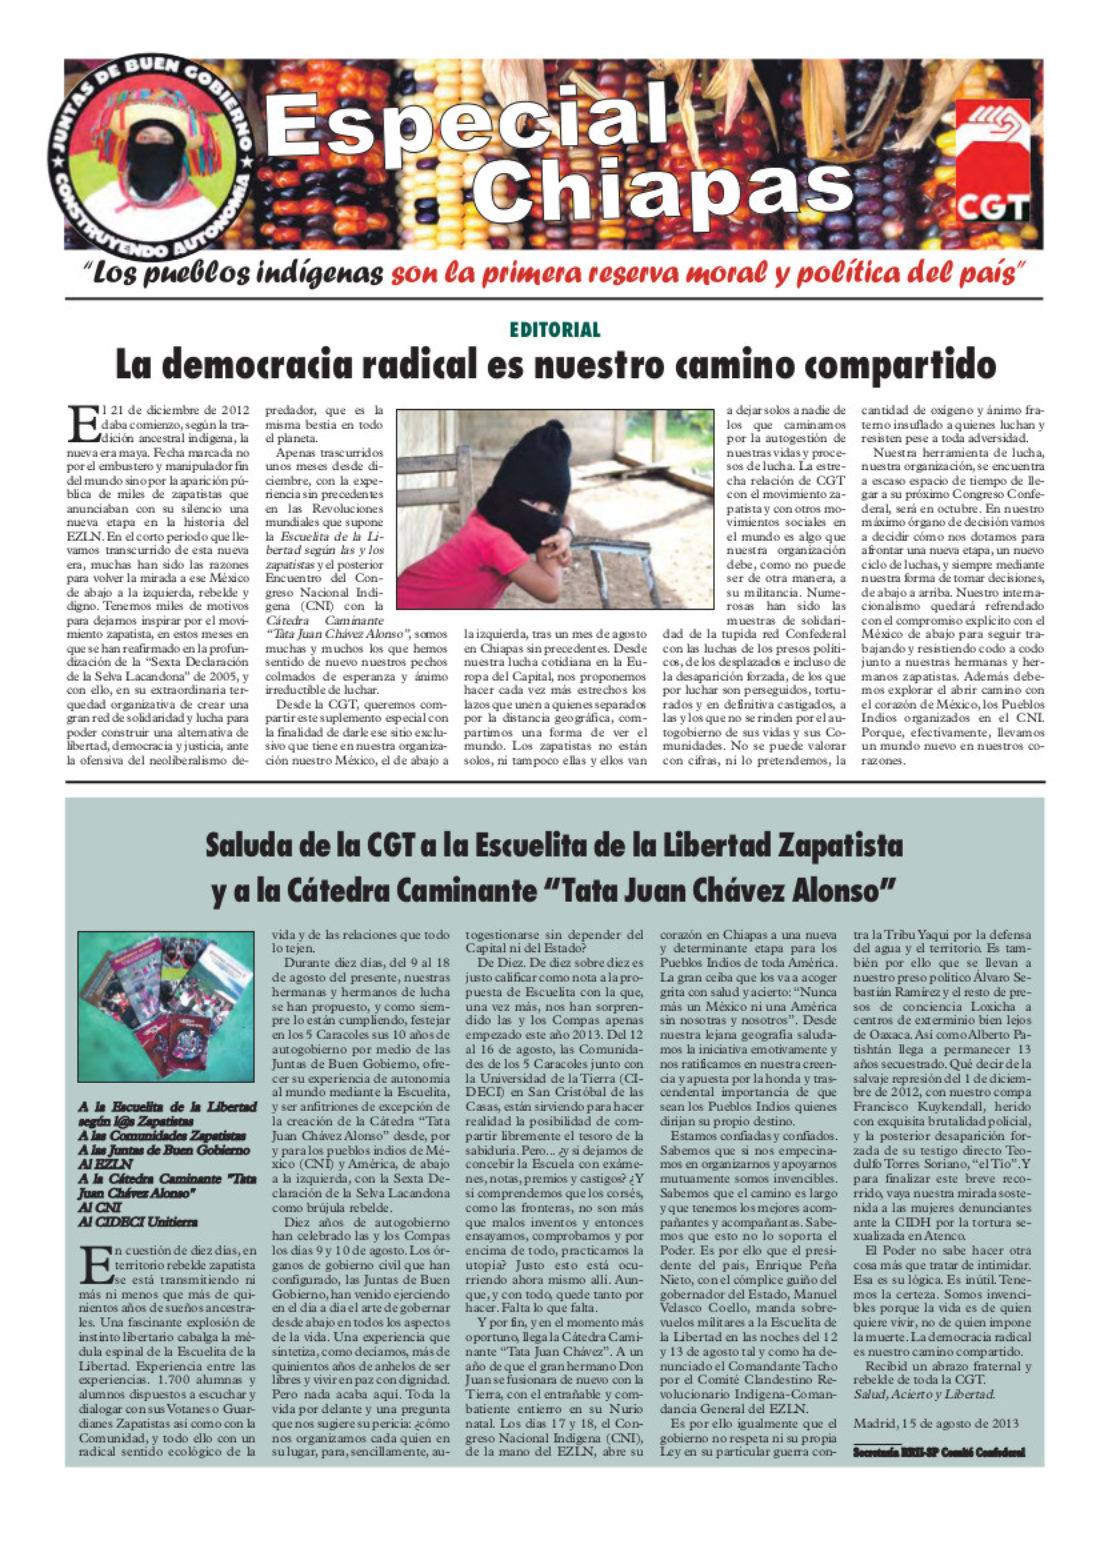 Suplemento Especial sobre Chiapas Rojo y Negro 271 septiembre 2013